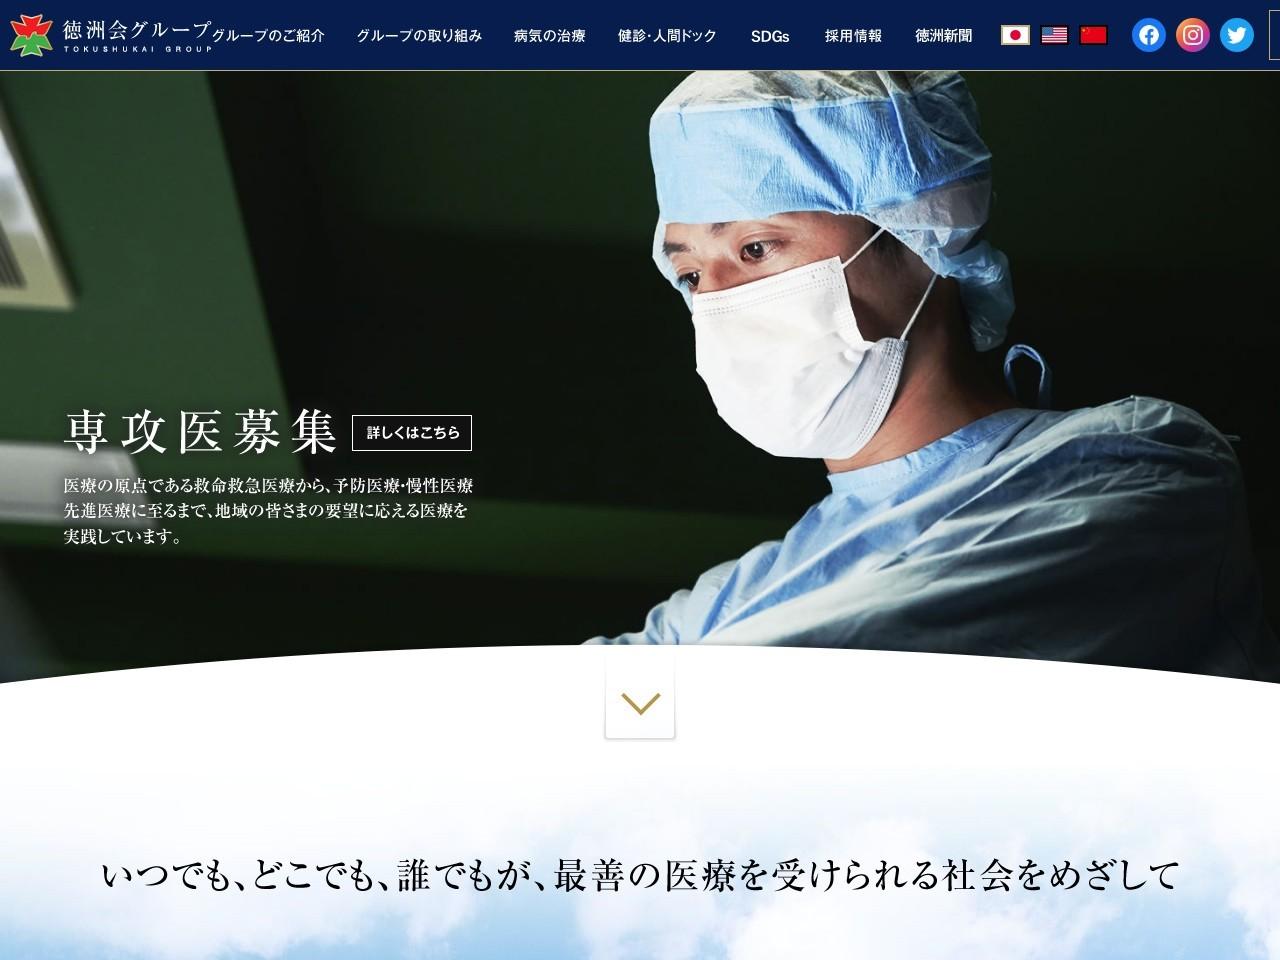 医療法人愛心会  宇川診療所 (京都府京丹後市)